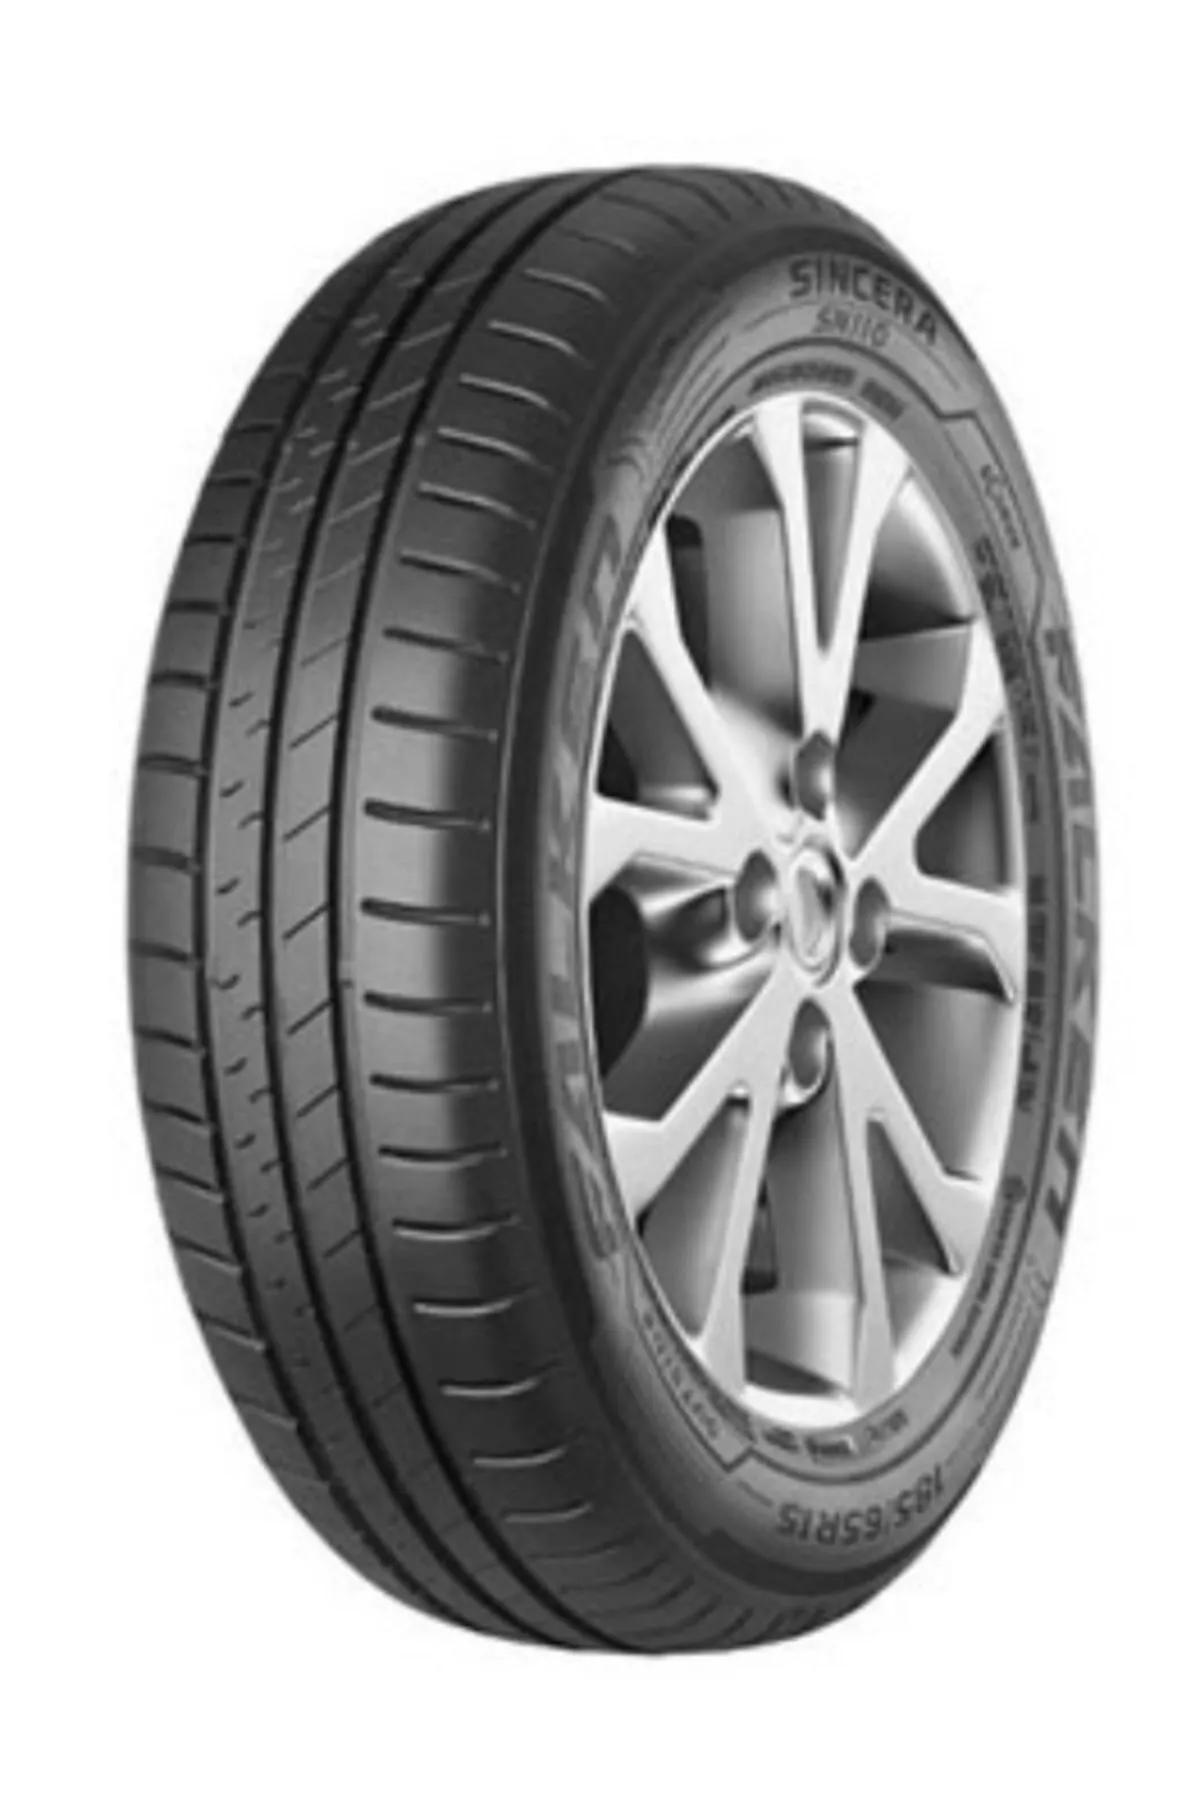 Falken 195/55R16 91H XL TL Sincera Sn110 Ecorun fiyatları